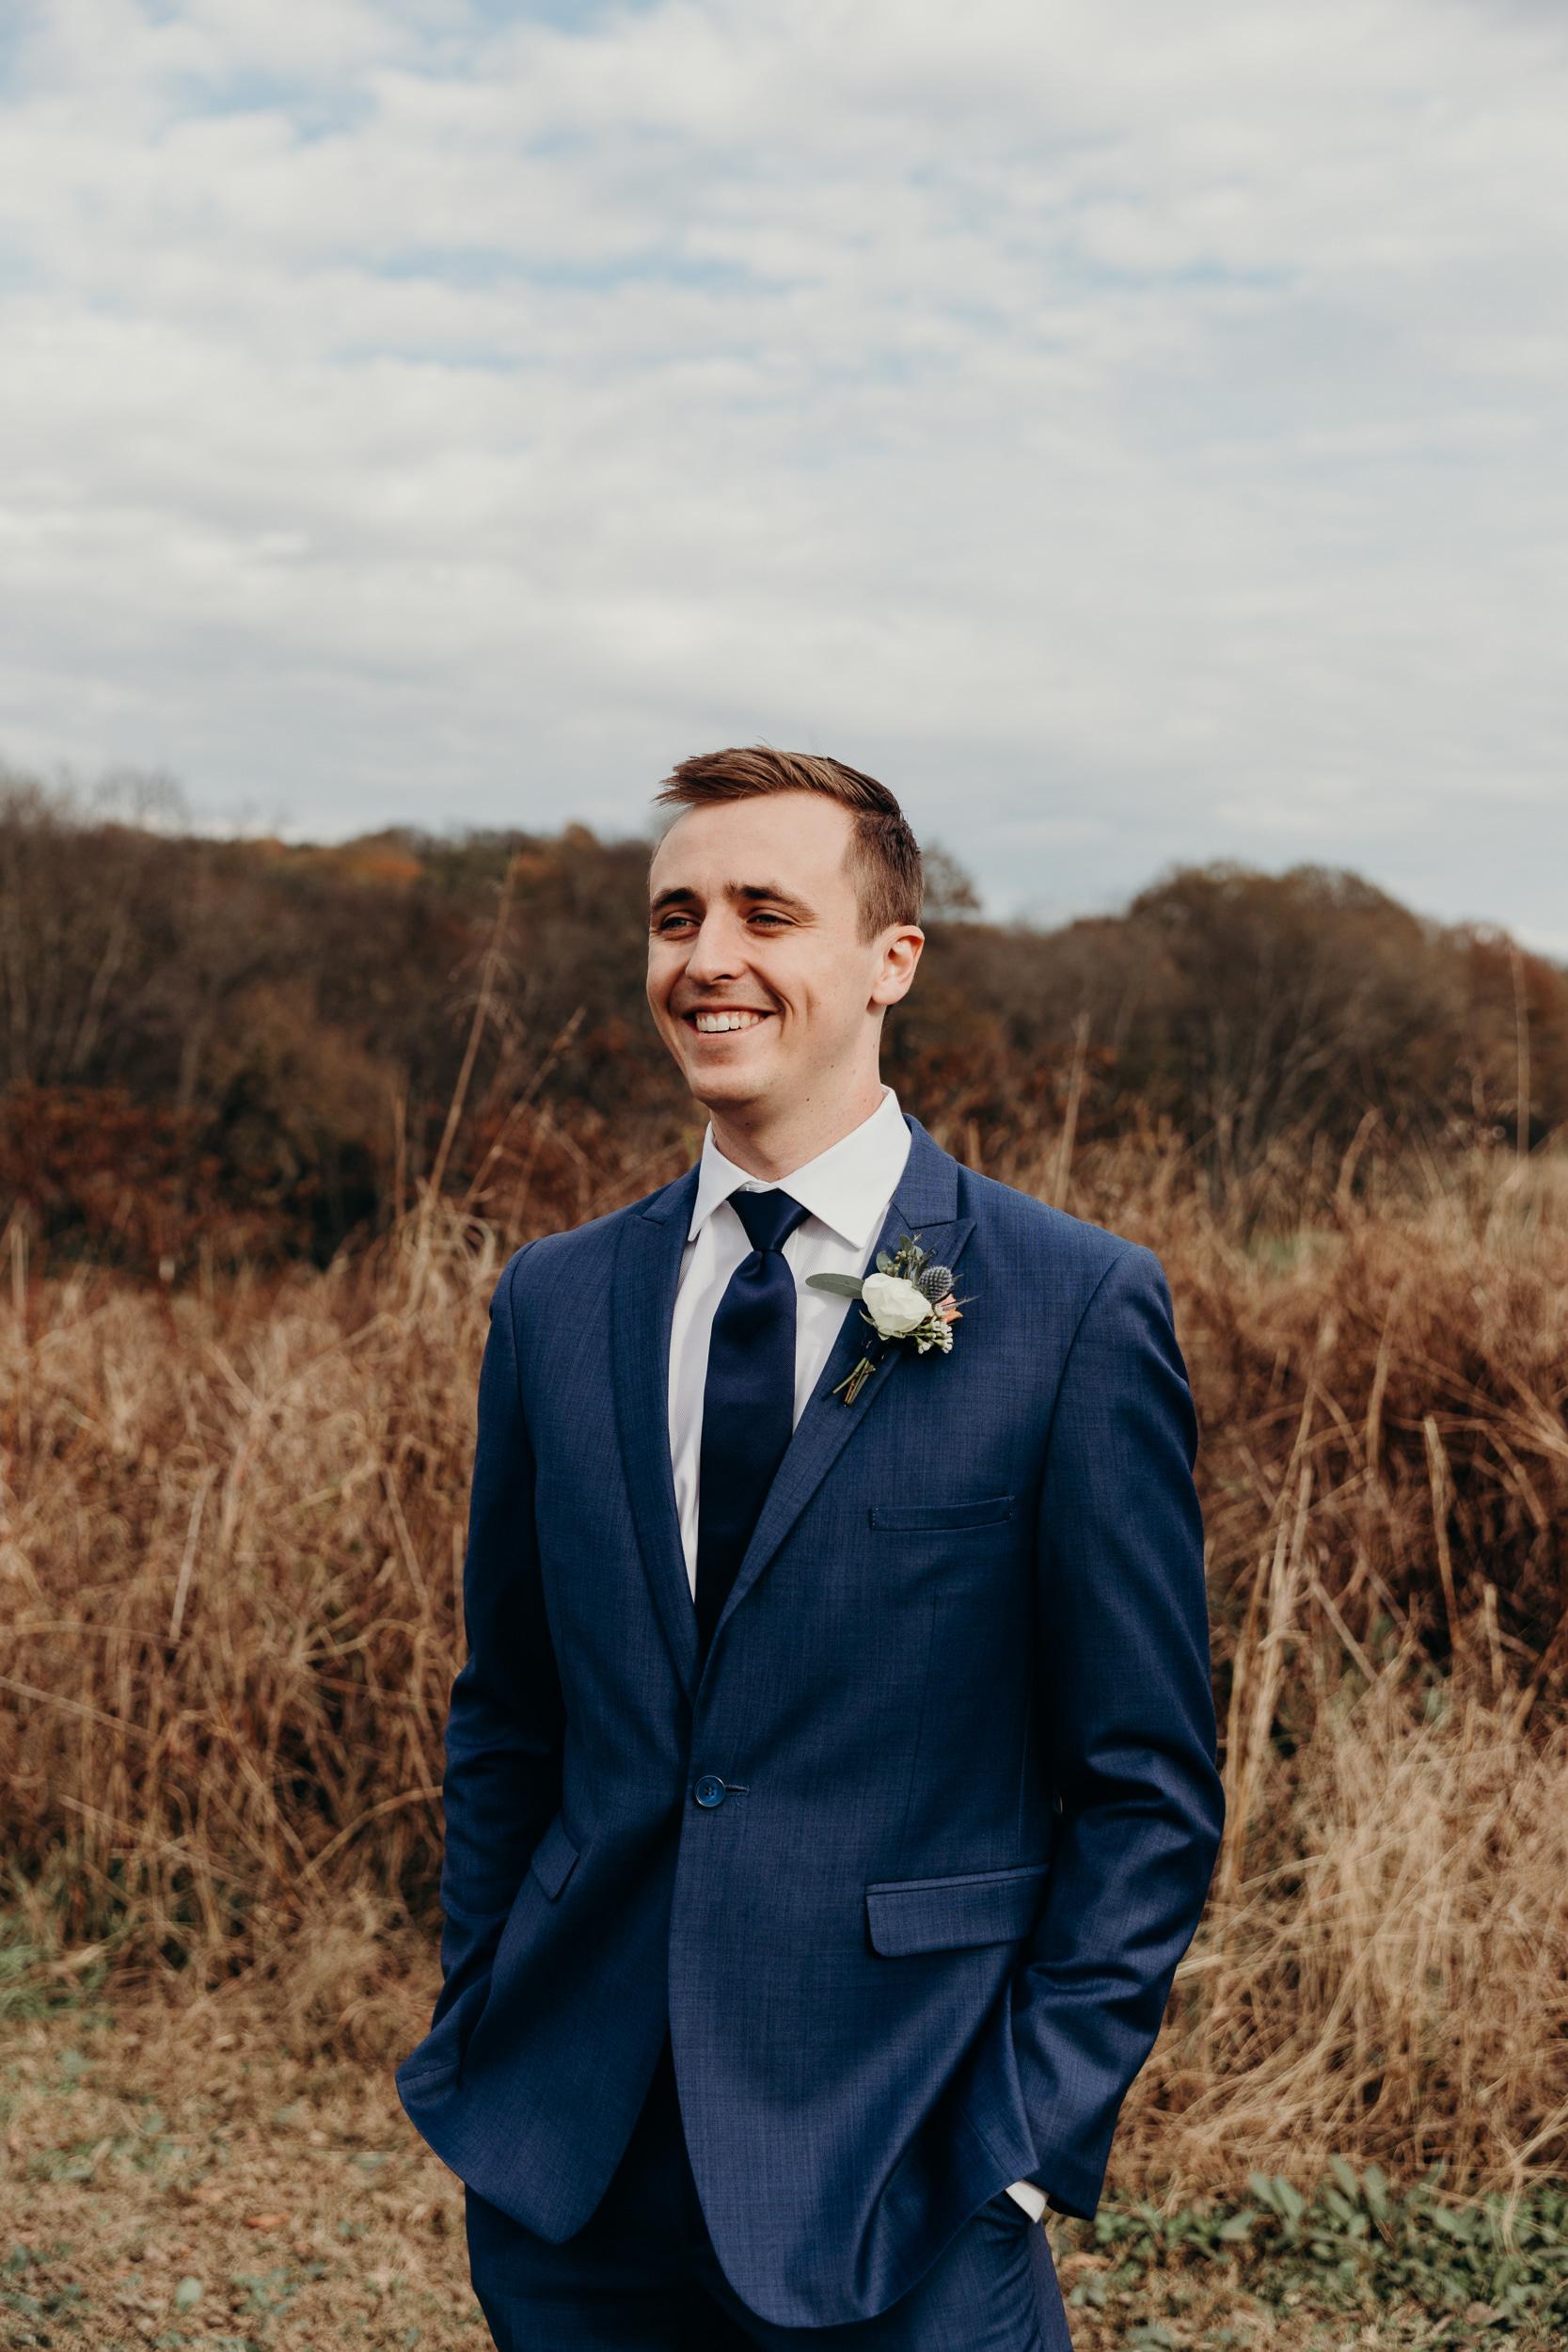 295-ltw-morgan-adam-wedding.jpg